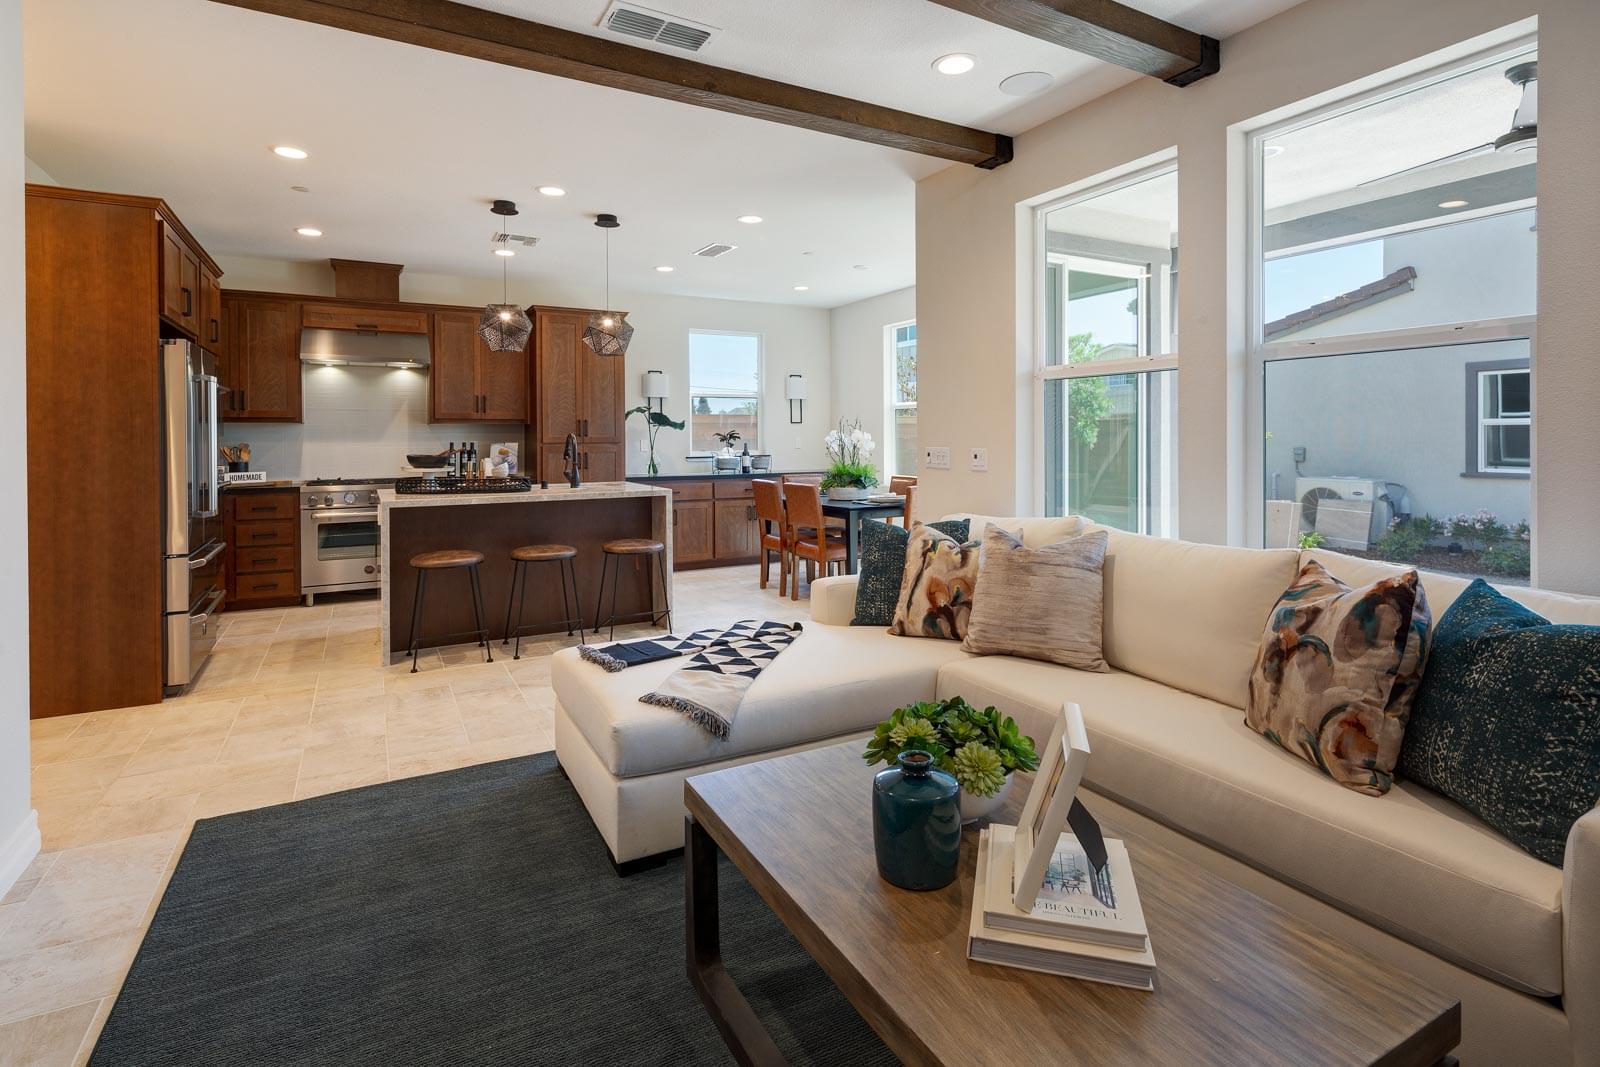 Residence 3 Kitchen & Living Room